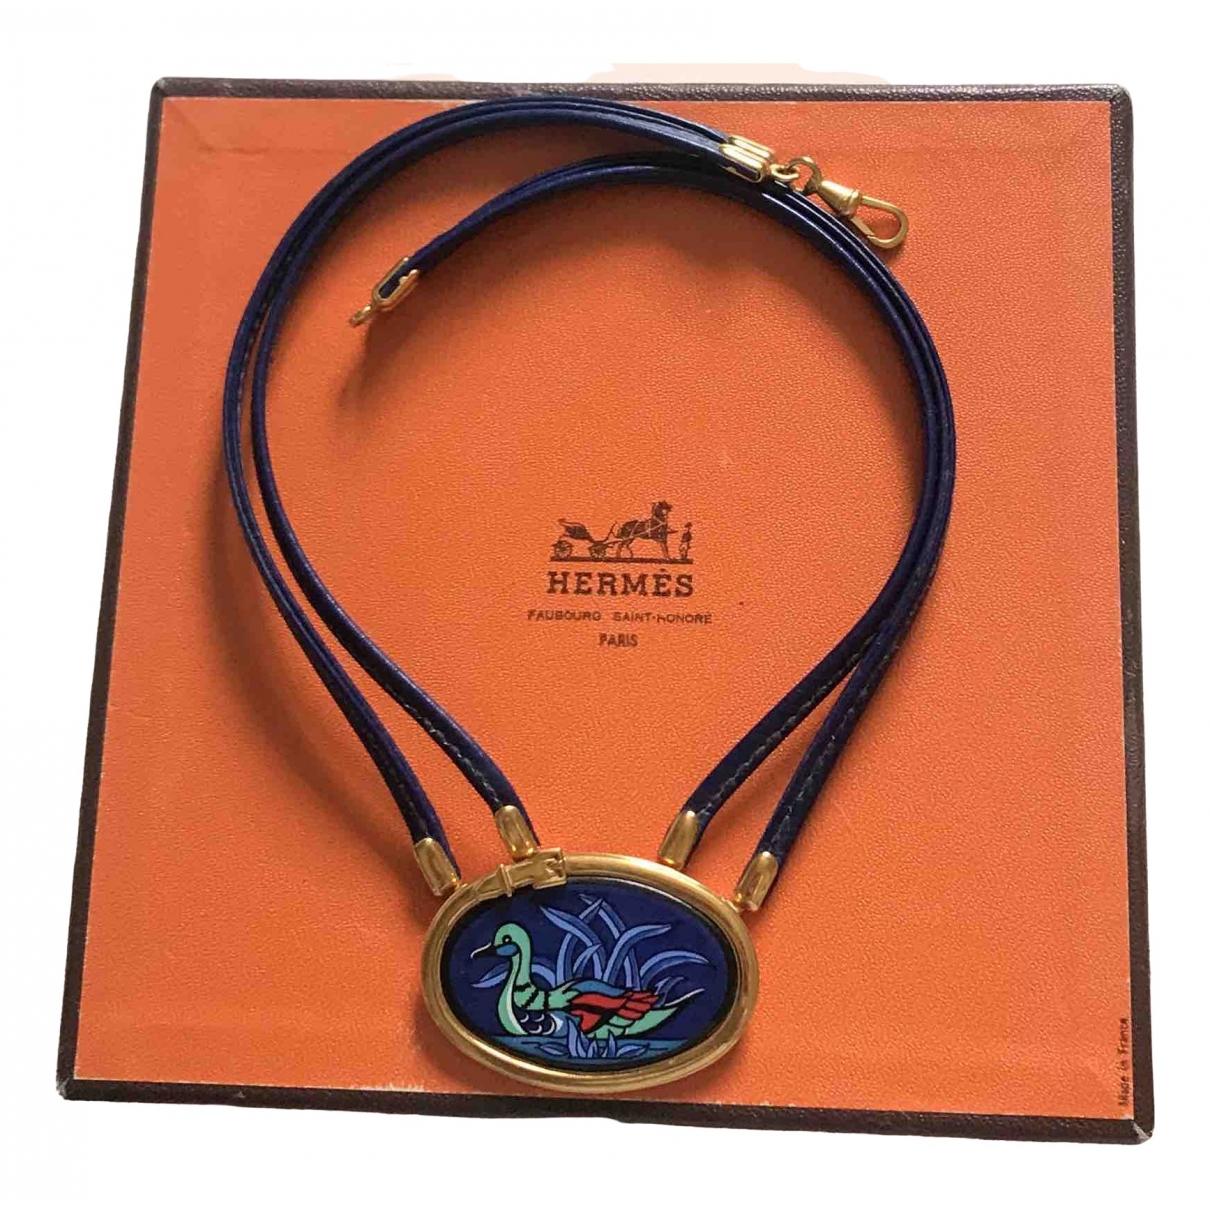 Hermes - Collier   pour femme en cuir - bleu